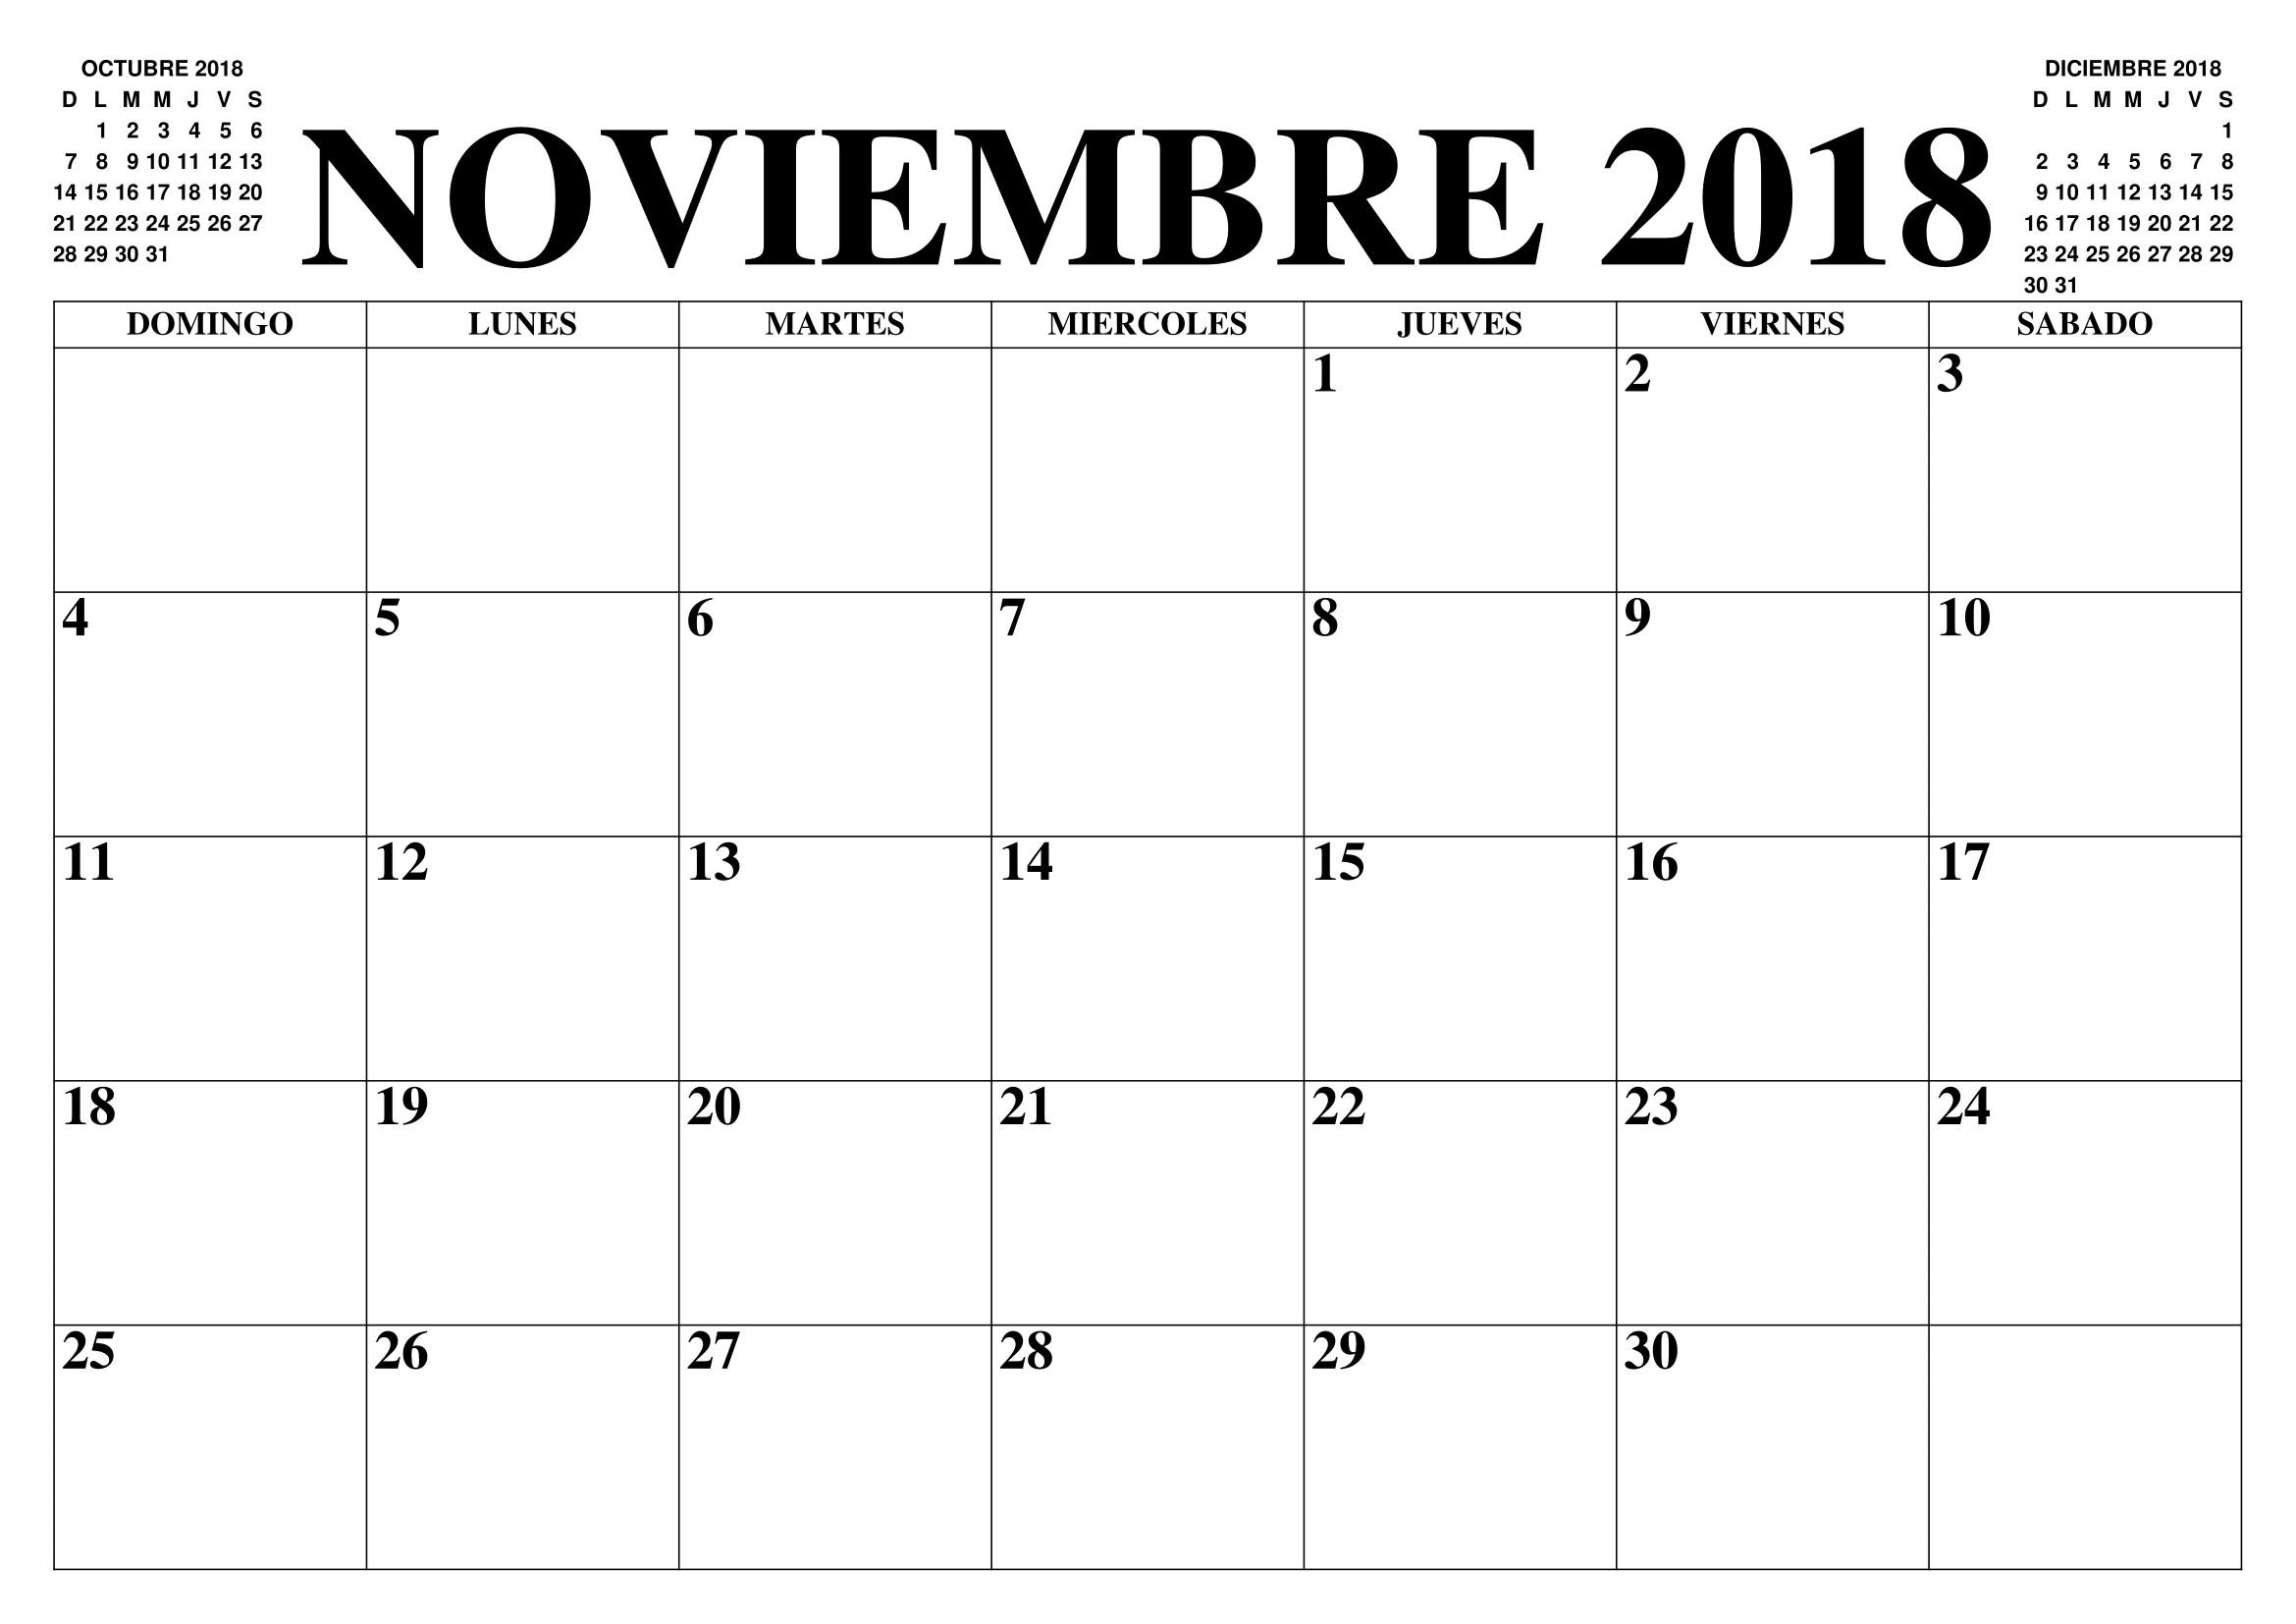 Calendario Noviembre 2017 Imprimir Gratis Mejores Y Más Novedosos Calendario Noviembre 2018 Colombia Of Calendario Noviembre 2017 Imprimir Gratis Más Recientes Calendarios Del Mes Kordurorddiner